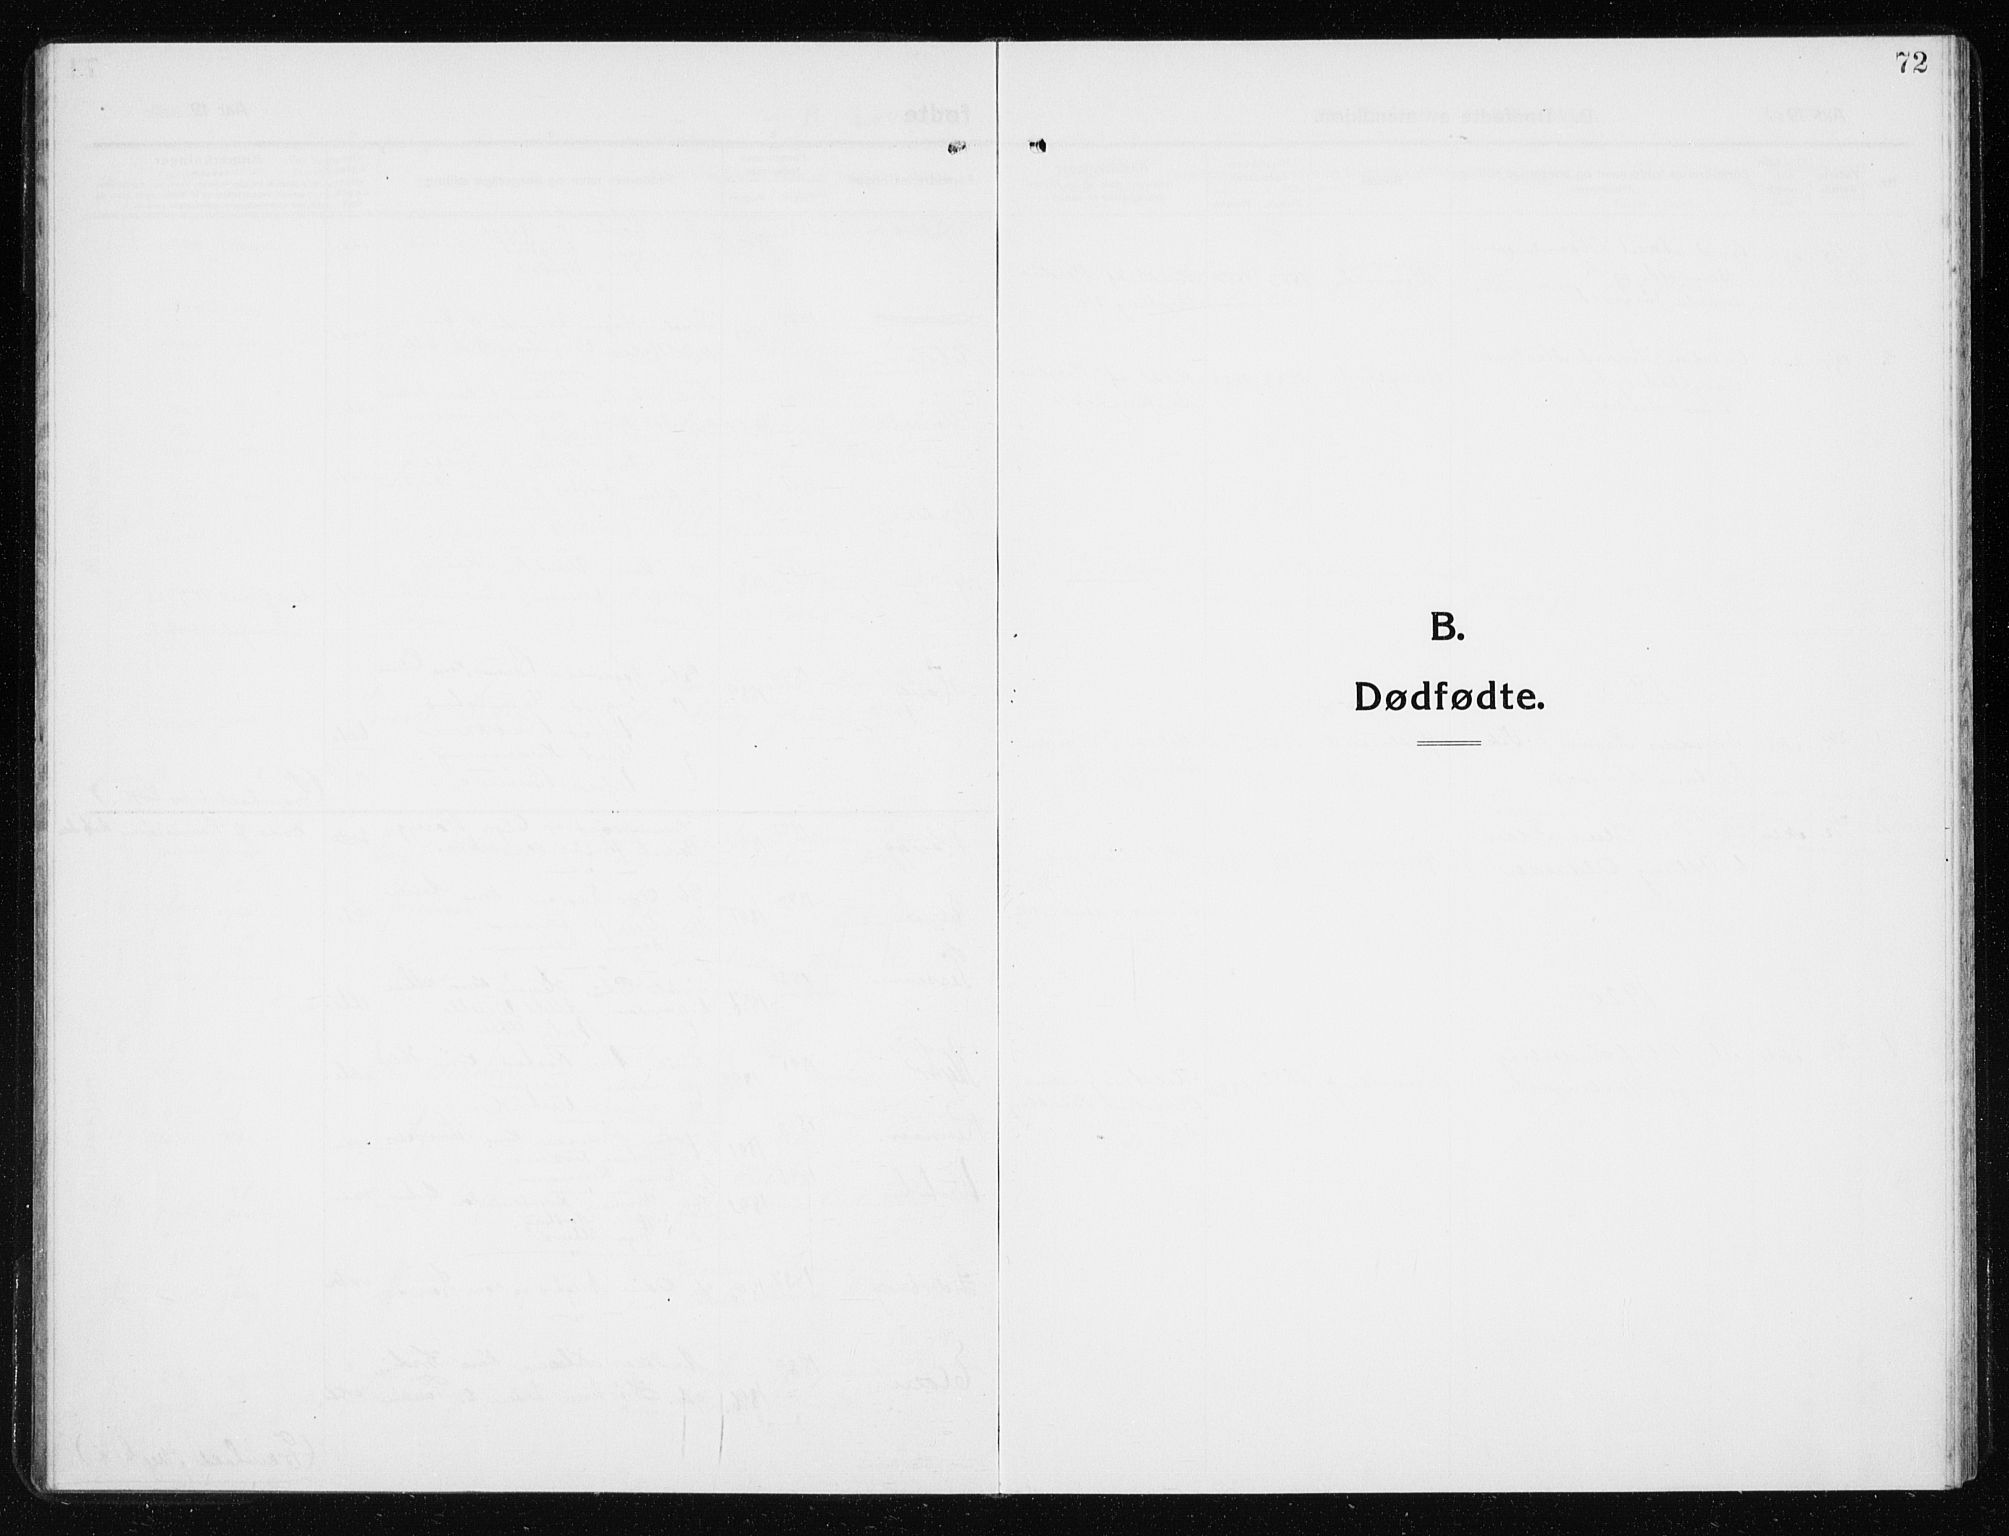 SAT, Ministerialprotokoller, klokkerbøker og fødselsregistre - Nord-Trøndelag, 741/L0402: Klokkerbok nr. 741C03, 1911-1926, s. 72